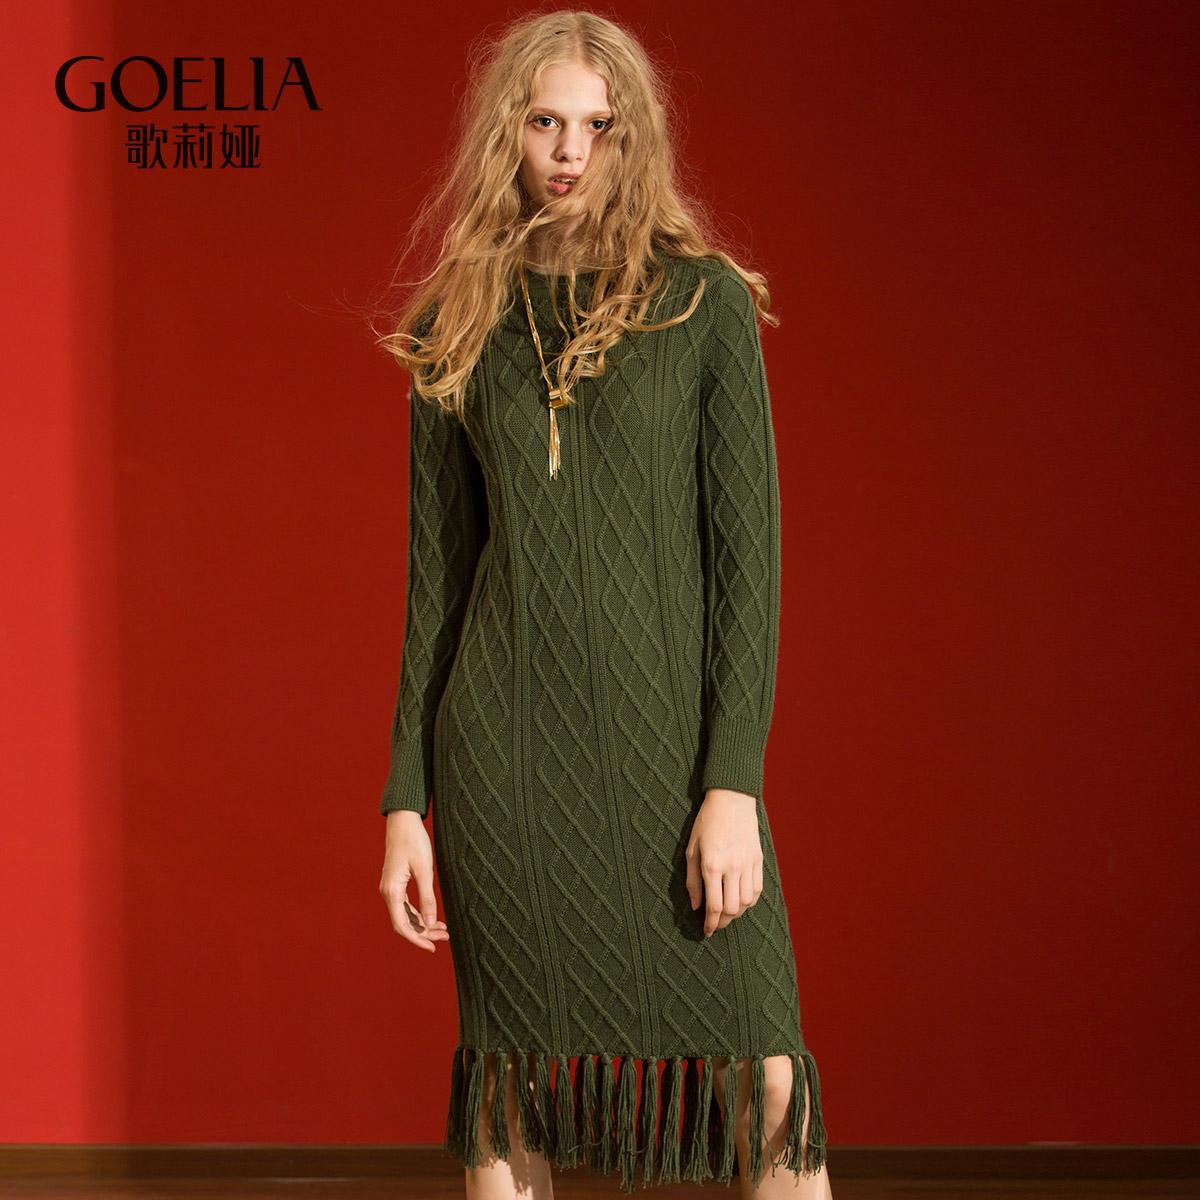 歌莉娅女装 歌莉娅女装 2016秋新宽松H型中裙修身针织连衣裙16CE5K250_推荐淘宝好看的歌莉娅